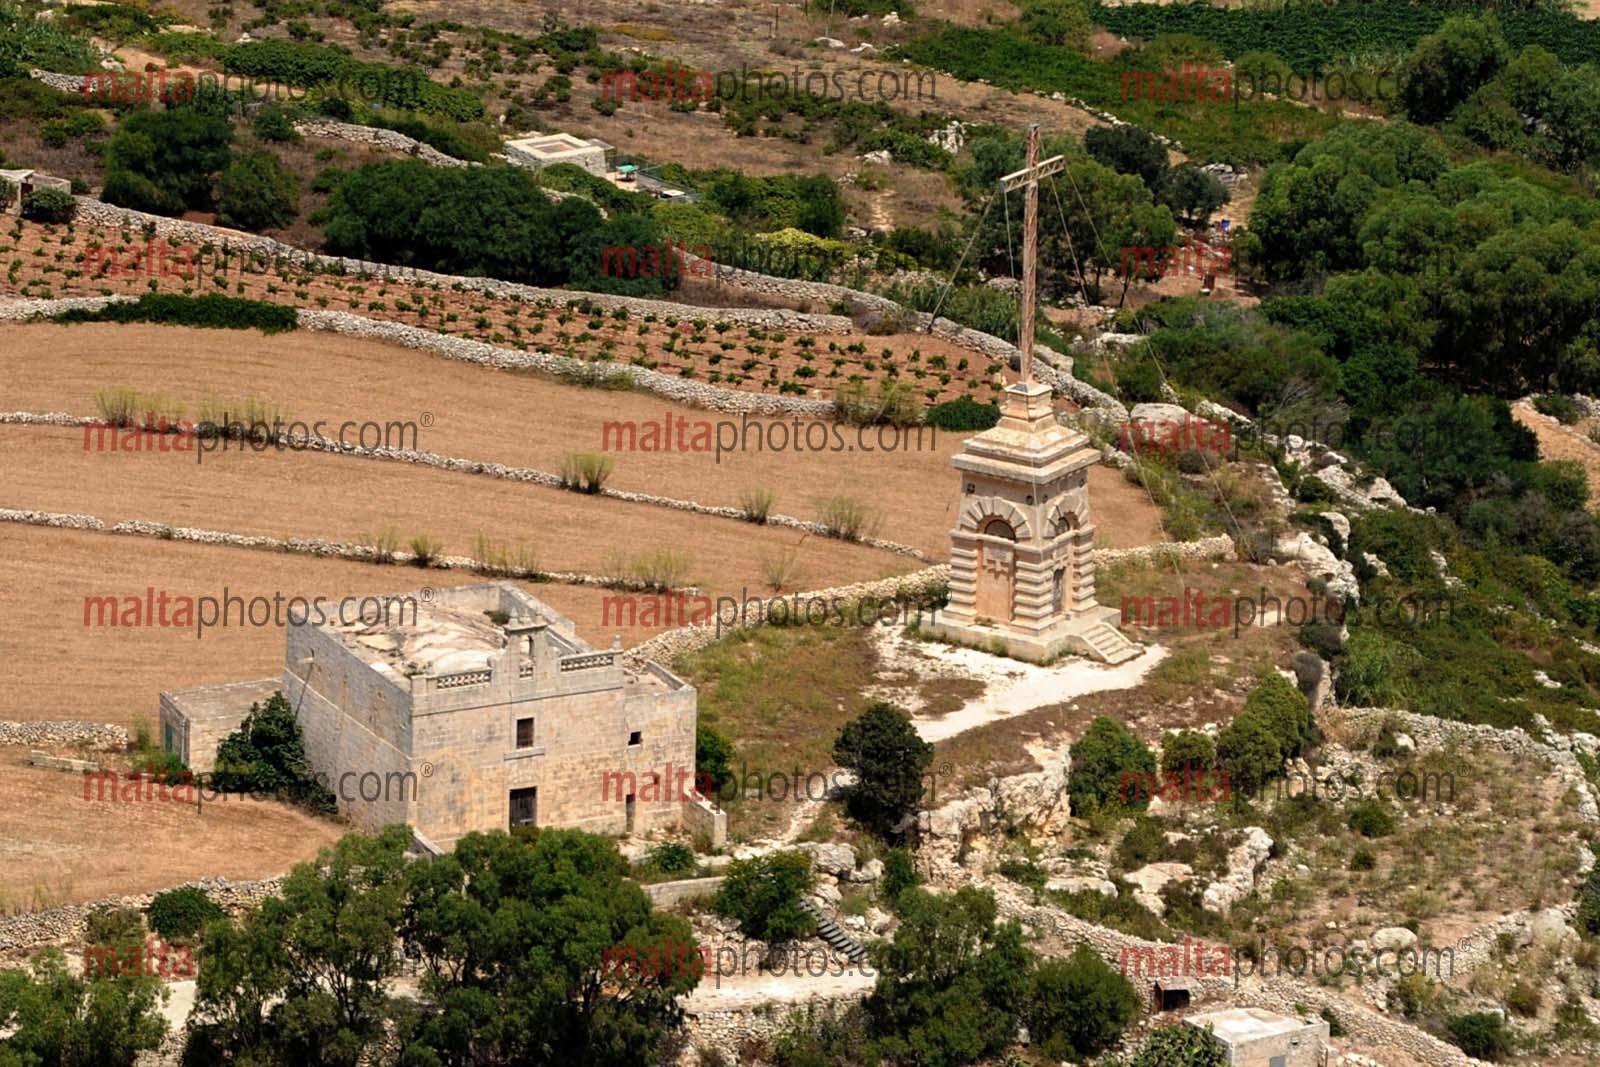 Siggiewi Aerial Laferla Cross Salib Tal Gholja Malta Photos